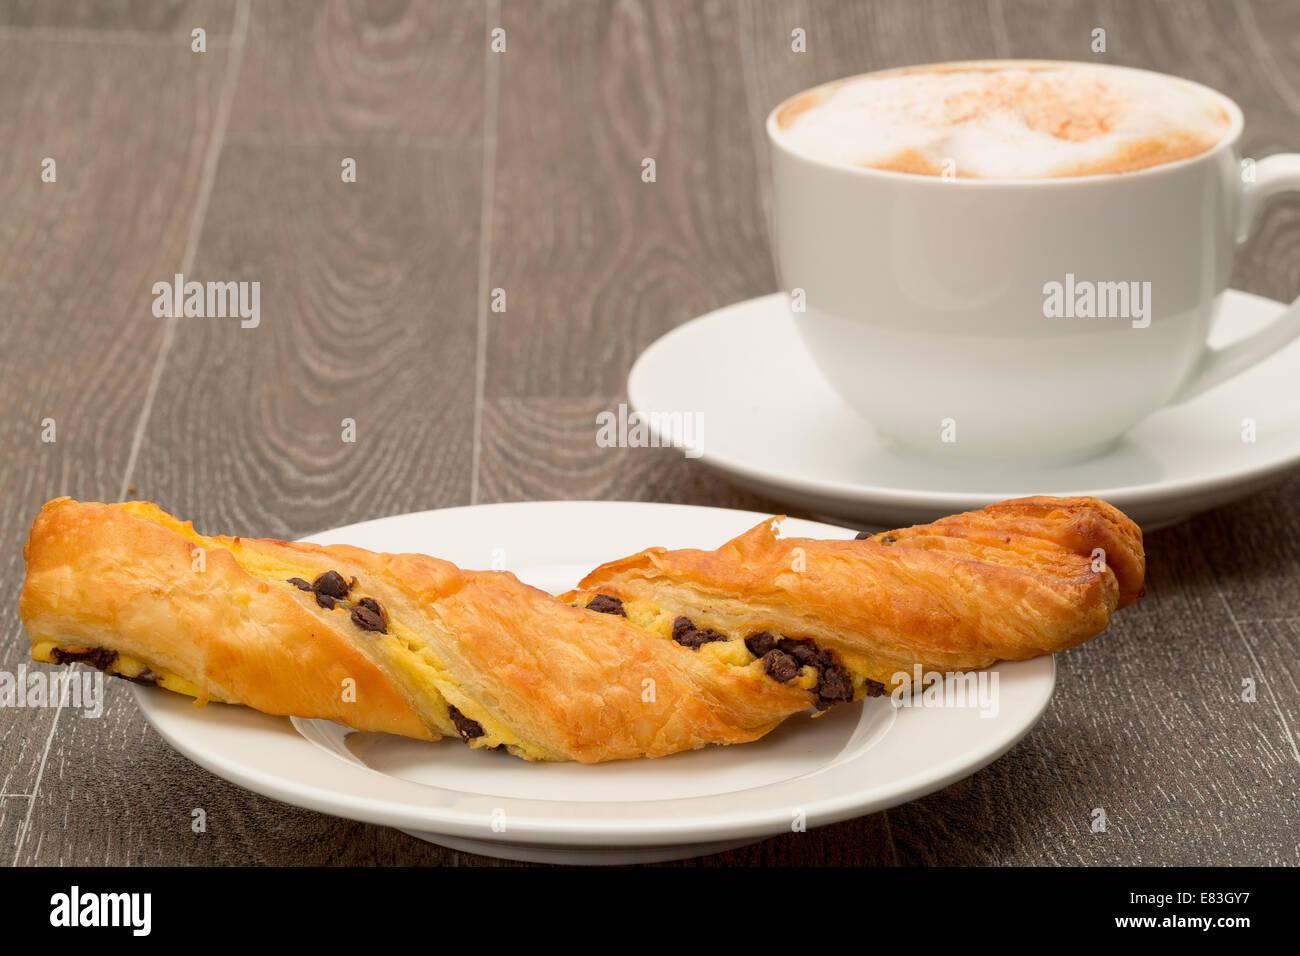 Chocolat français authentique pâtisserie avec un twist de cappuccino - studio shot et une faible profondeur Photo Stock